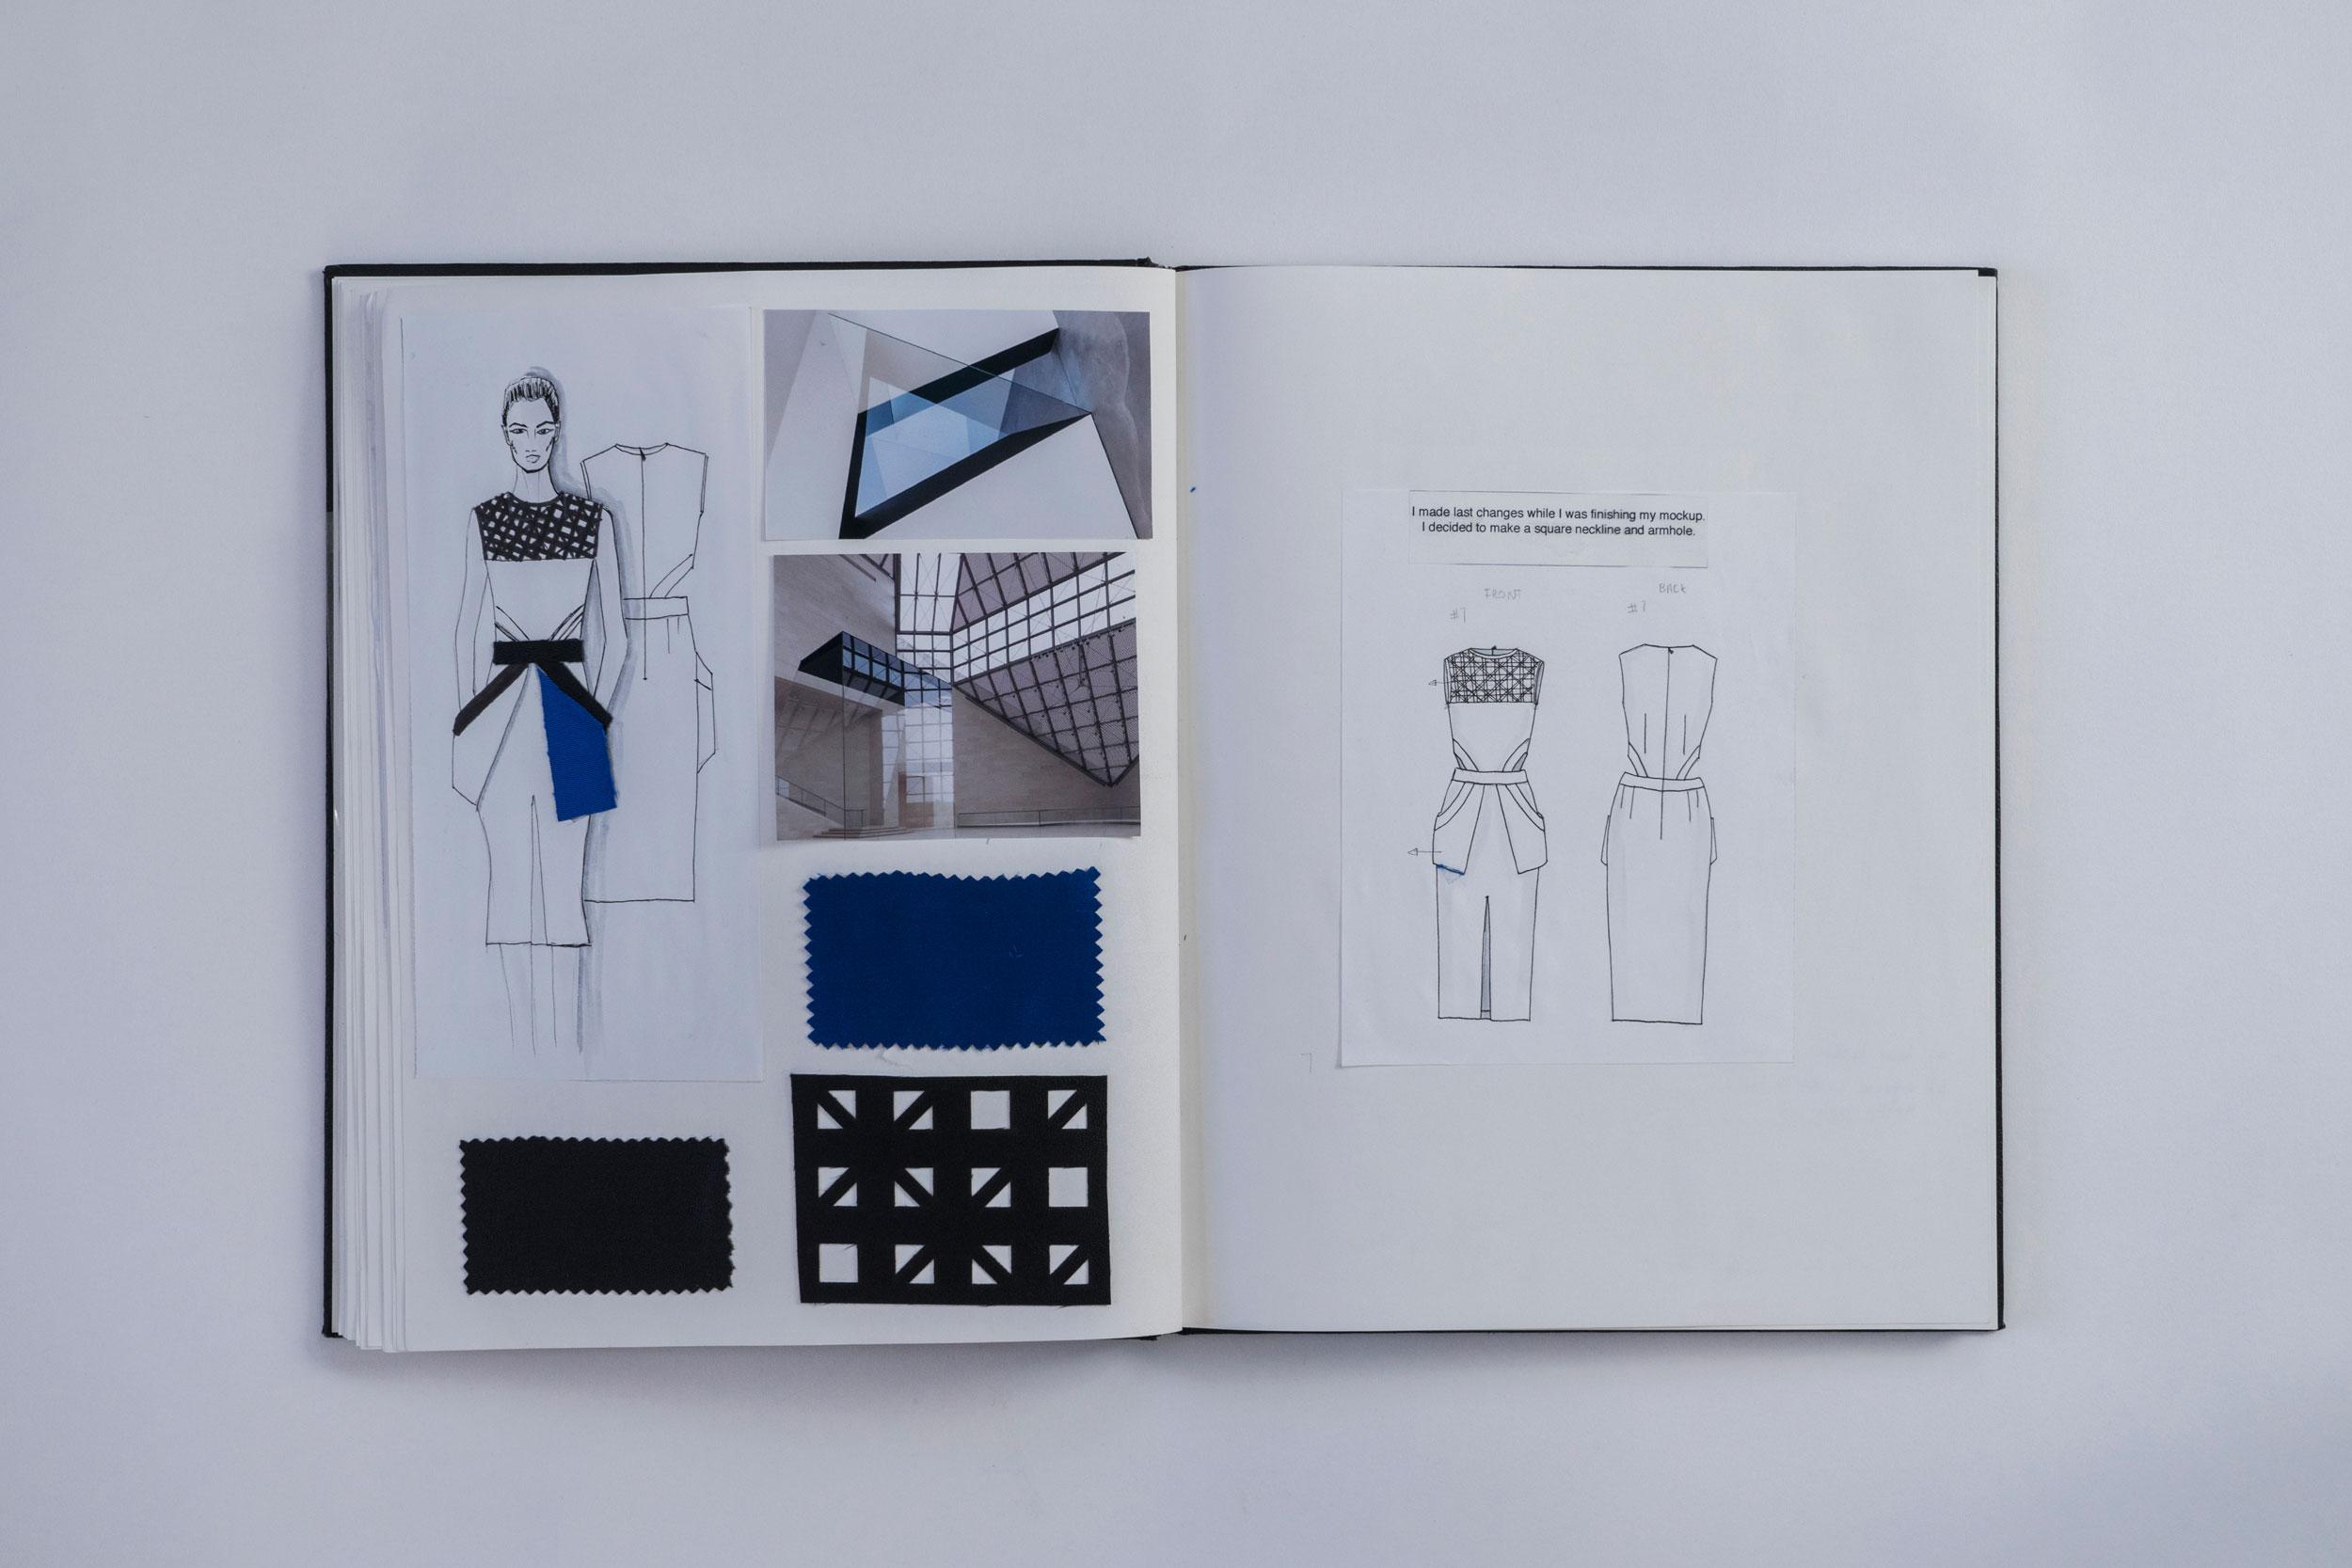 magda_richard_process_book21.jpg